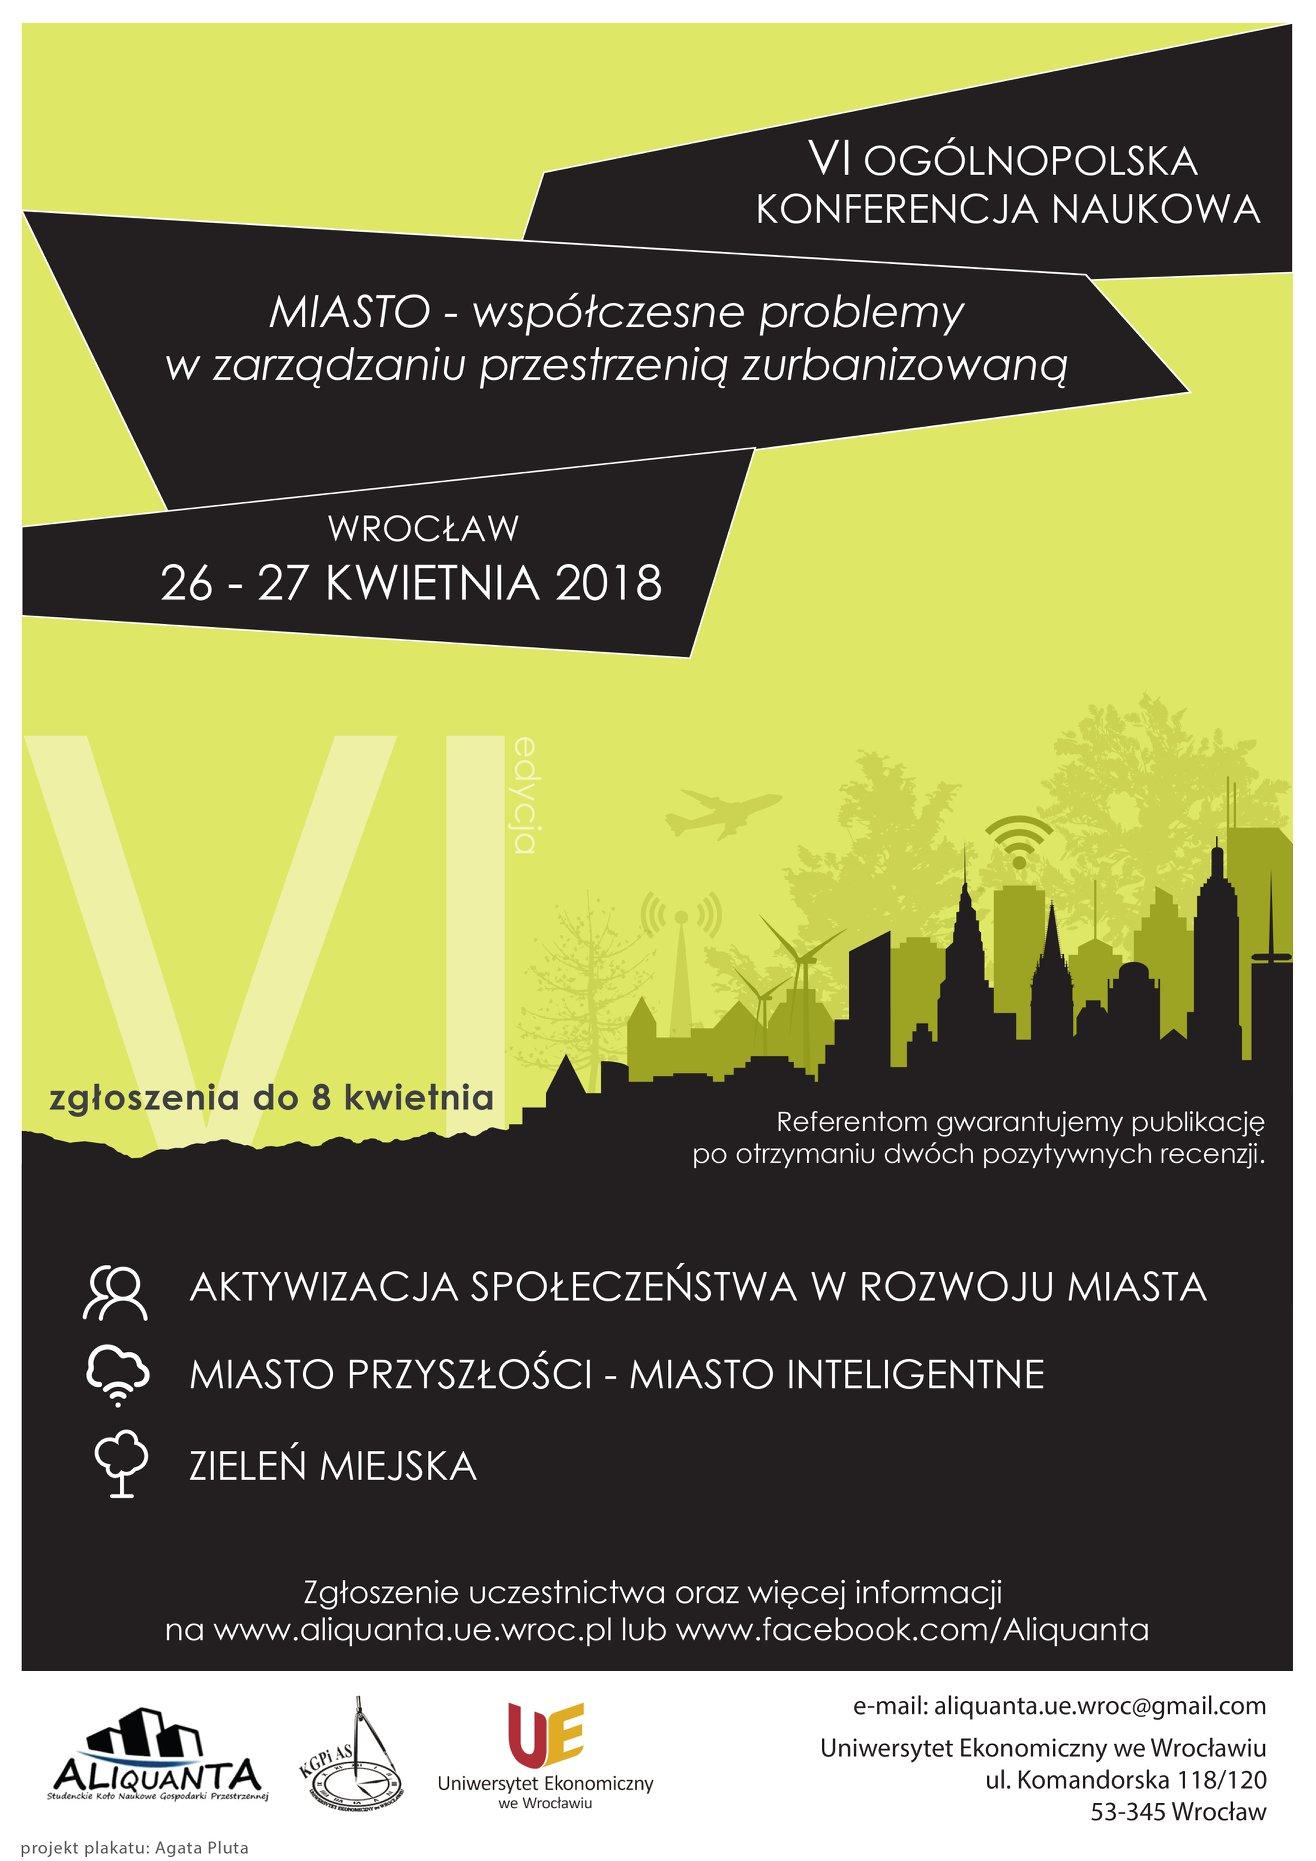 Plakat konferencji (źródło: materiały prasowe organizatora)